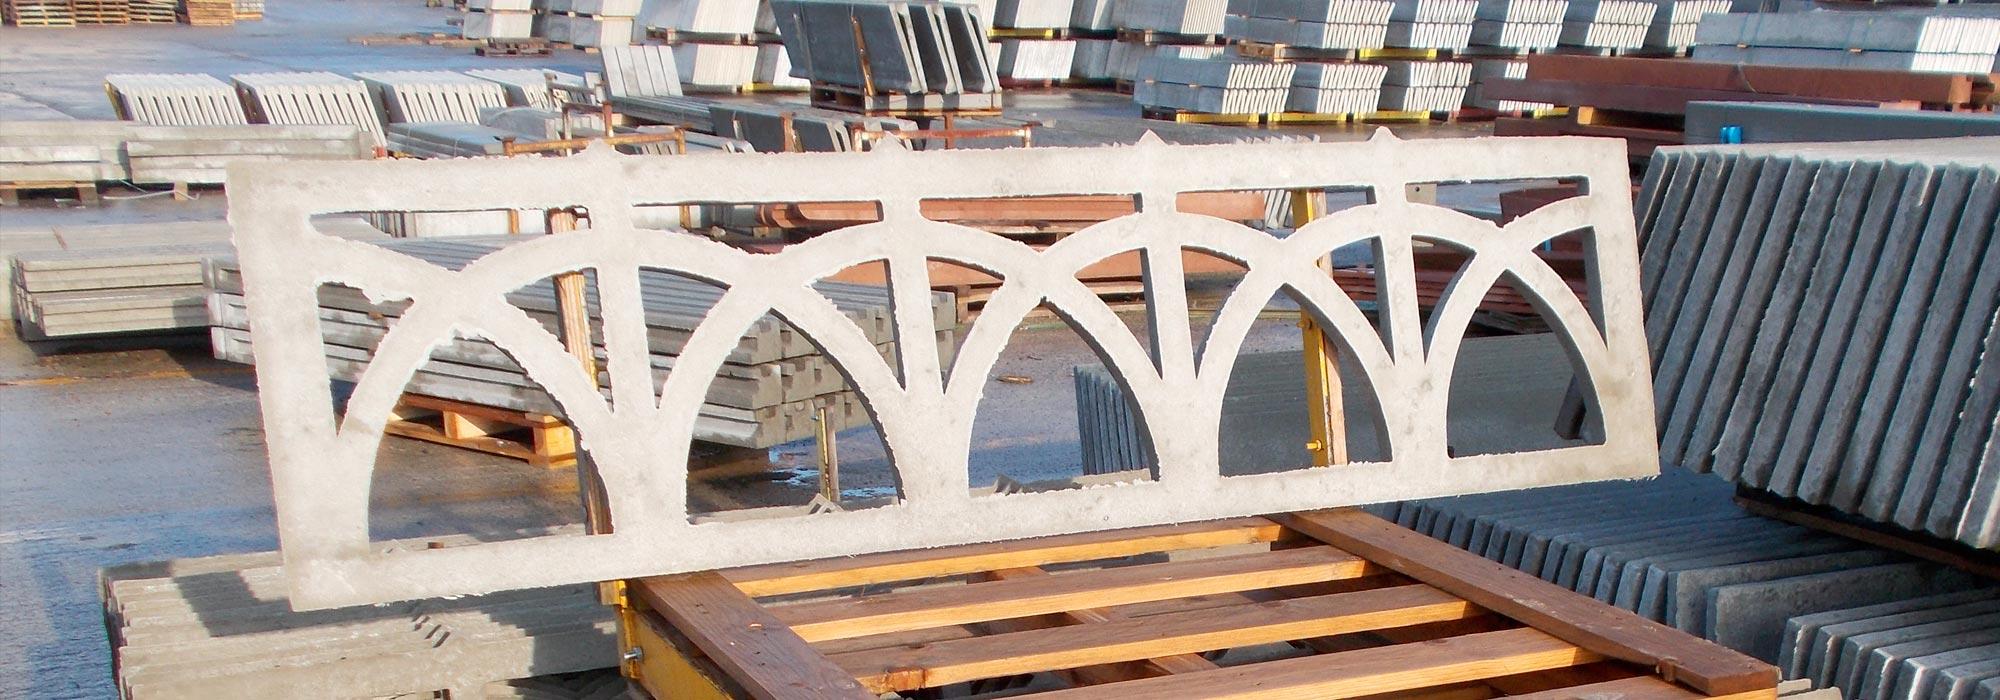 fabricant-clotures-beton-caby-hauts-de-france-lille-nord-arras-pas-de-calais-amiens-somme-compiegne-oise-rouen-seine-maritime